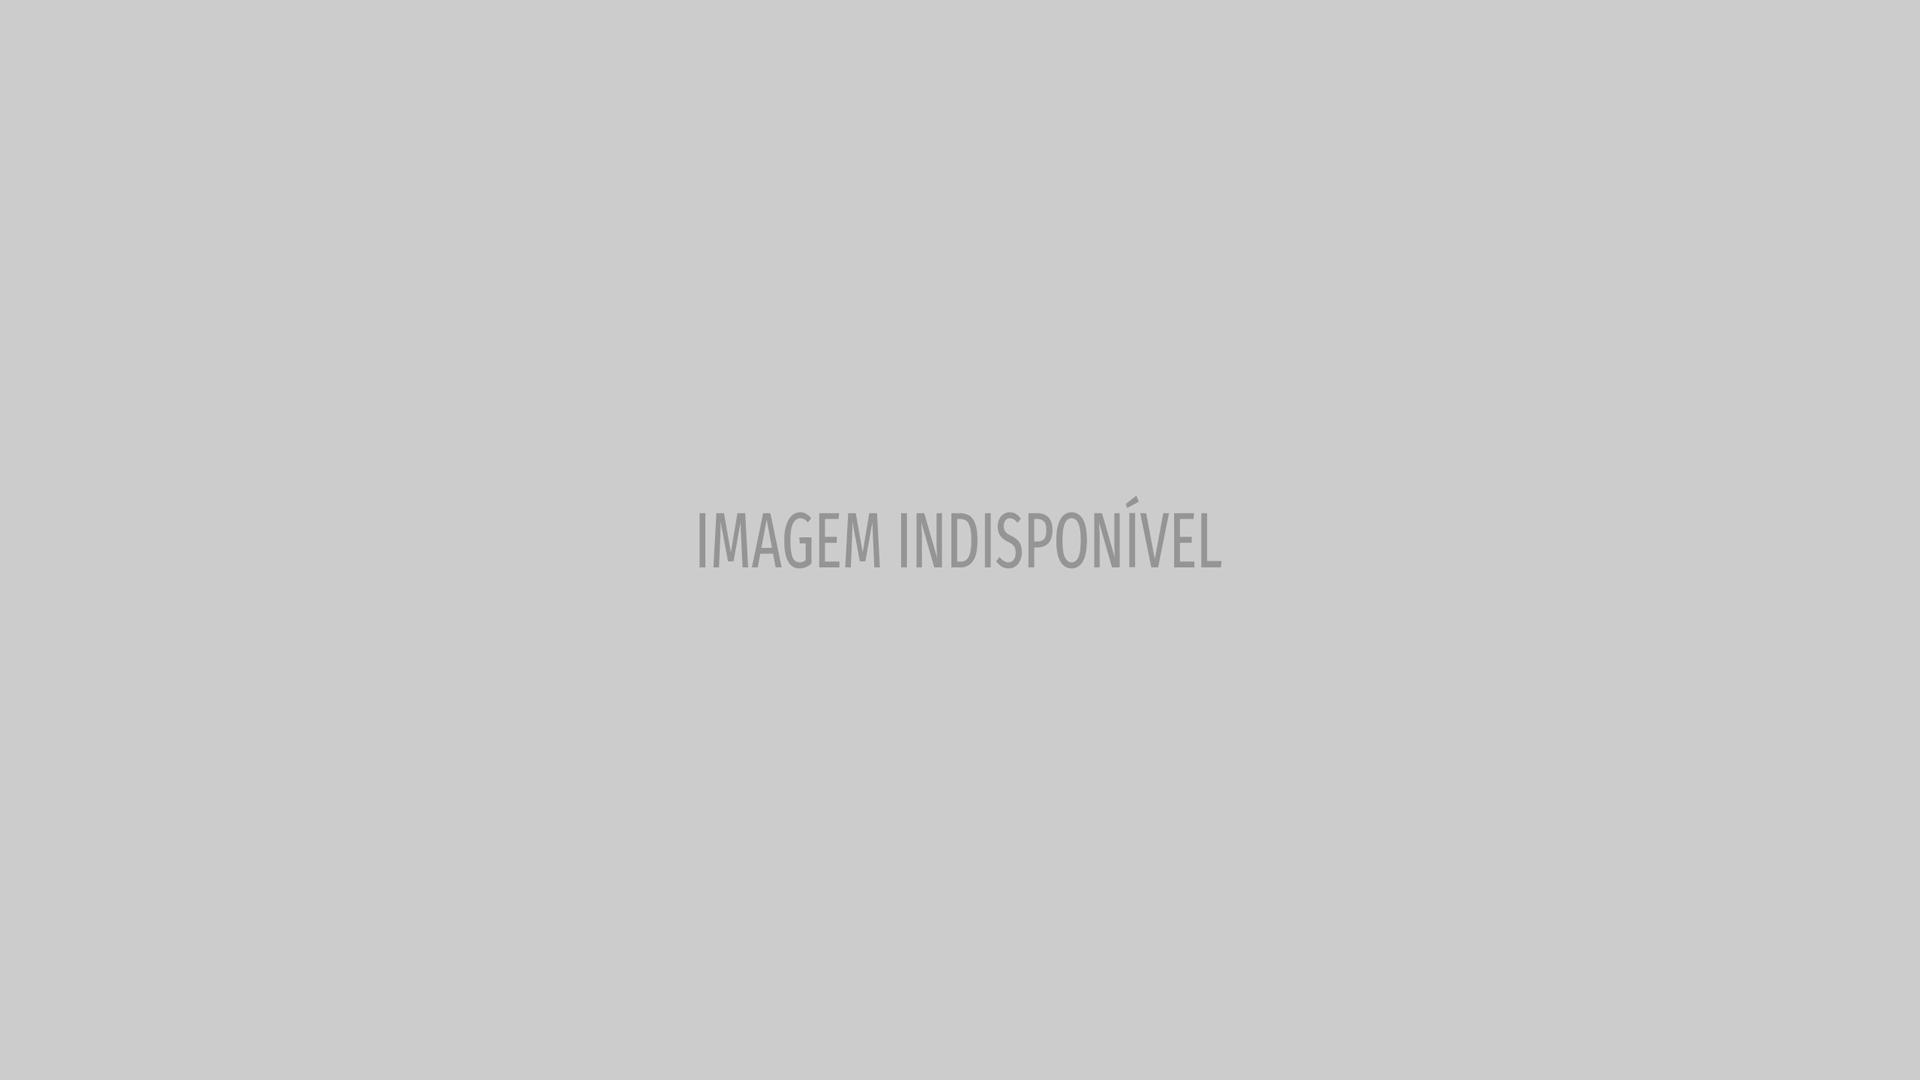 Assembleia-geral aprovou ações contra Godinho Lopes